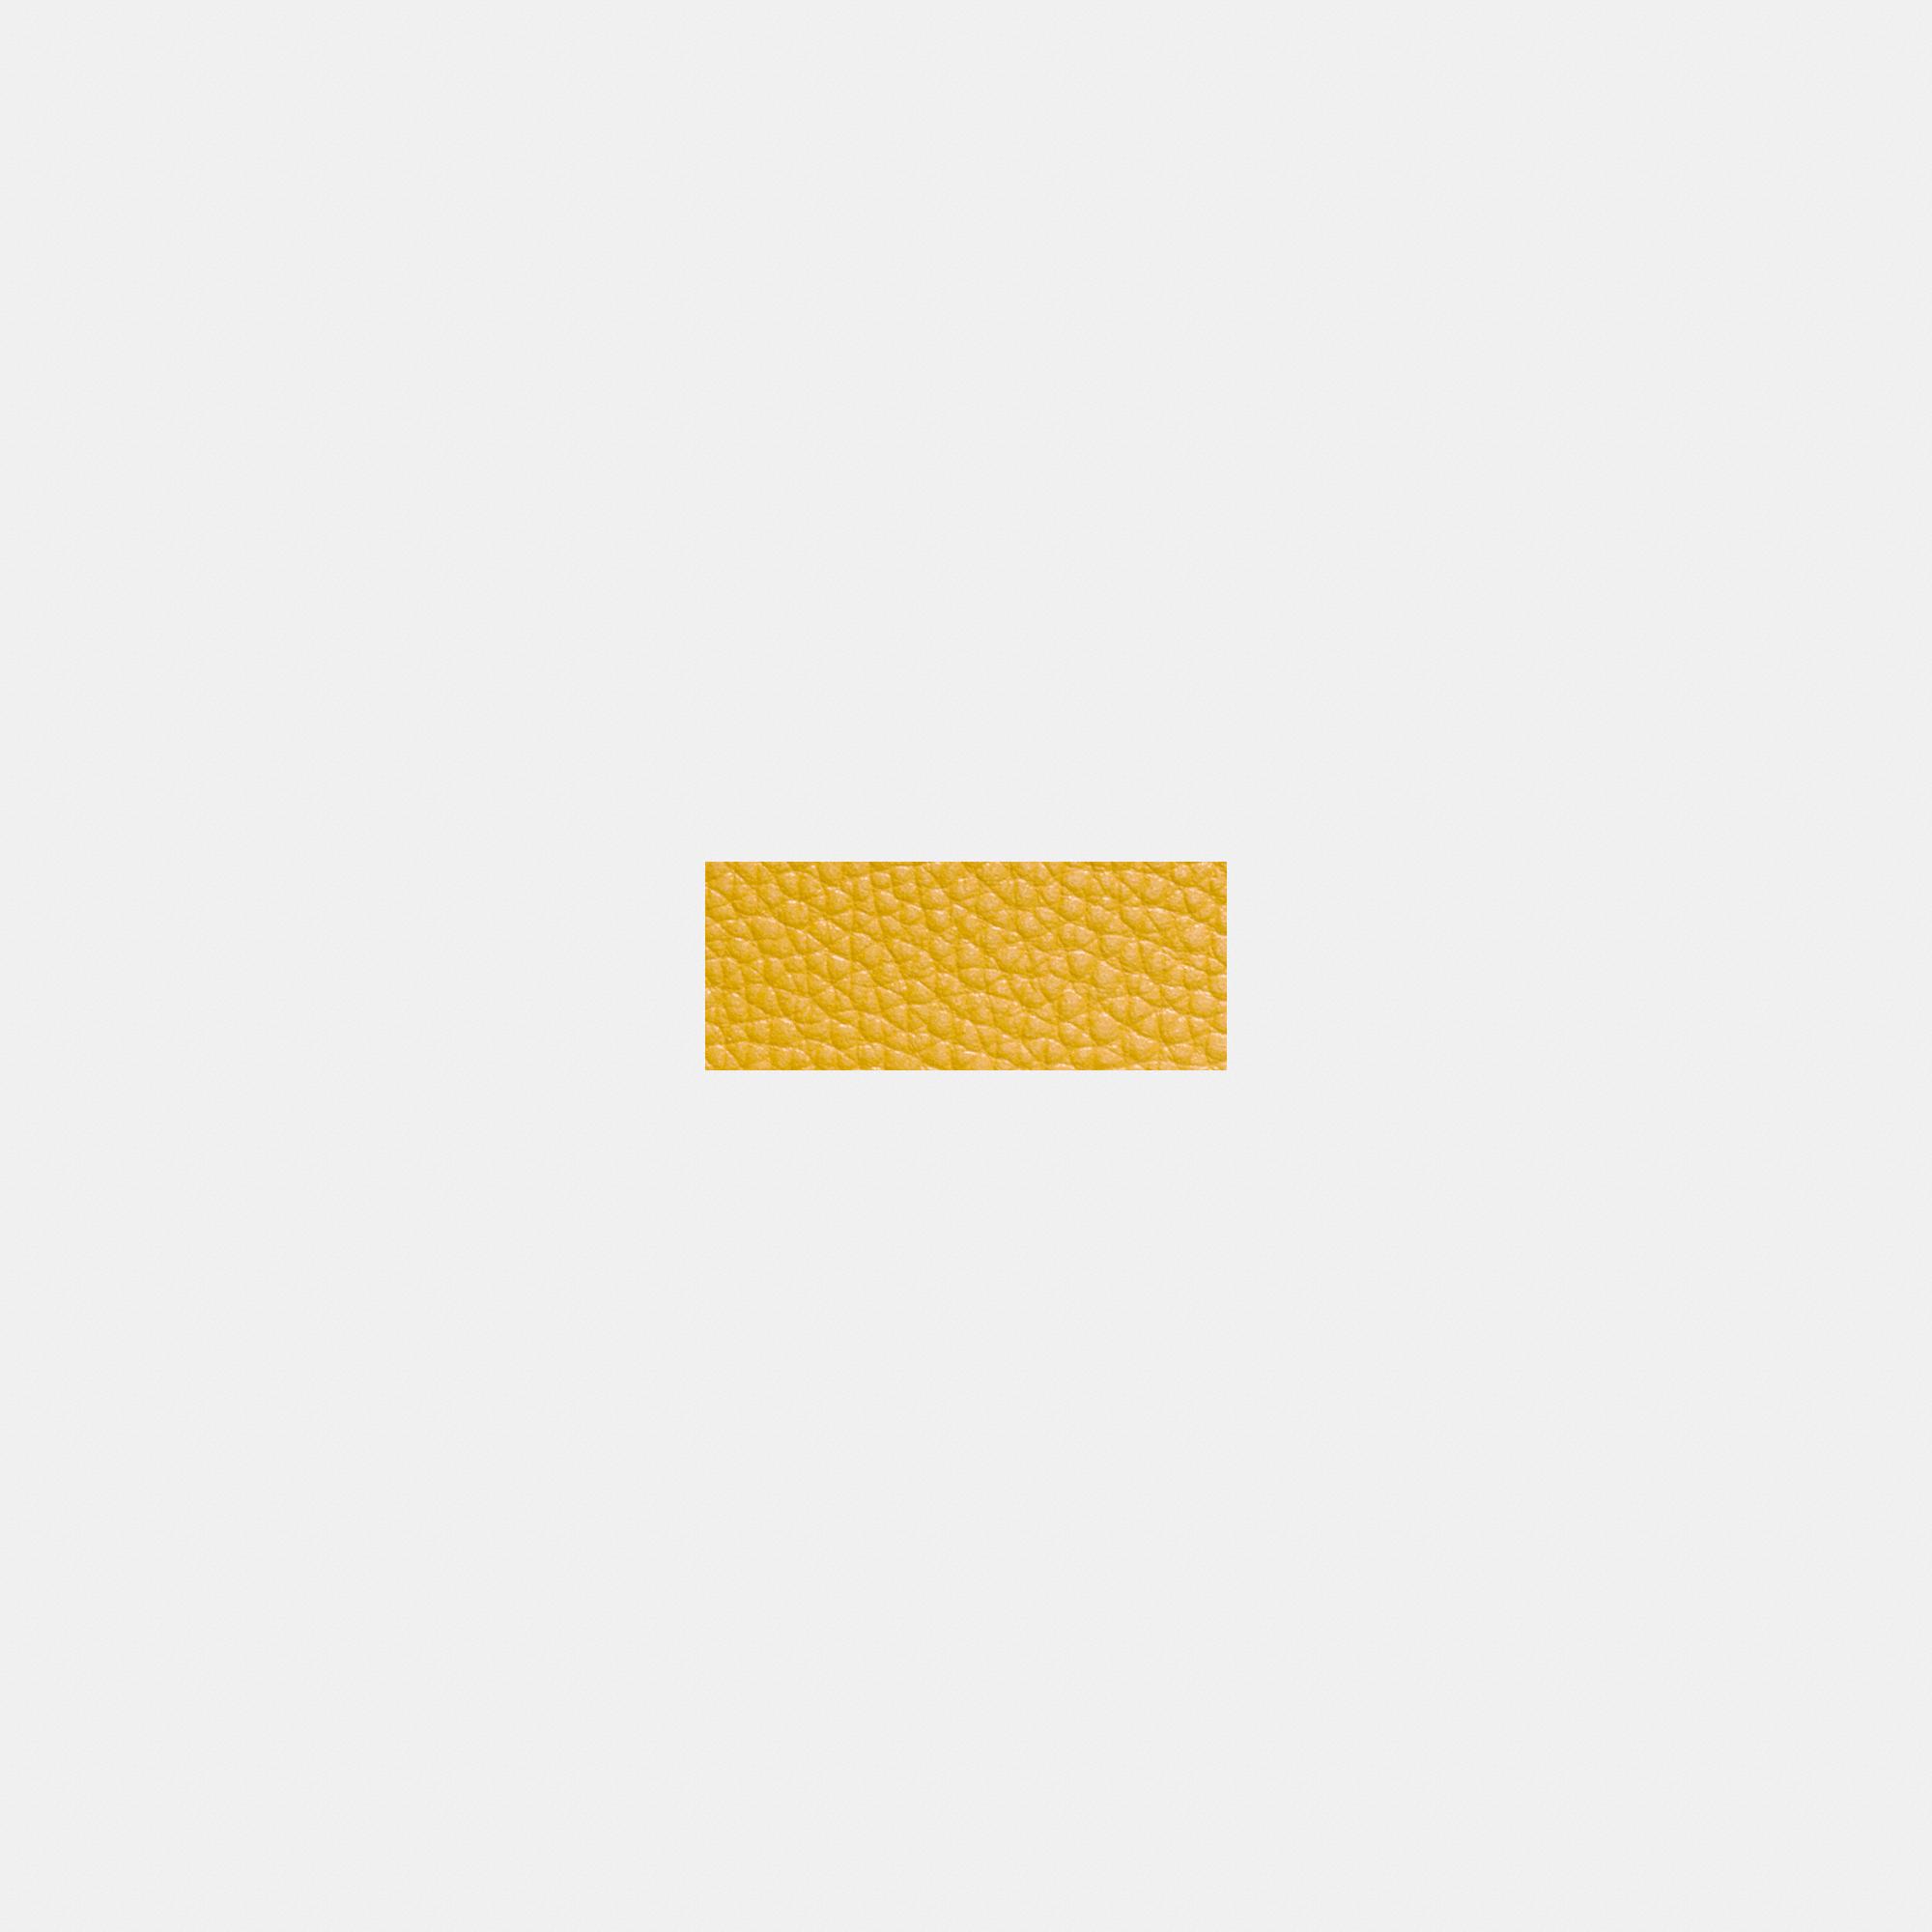 Sv/Yellow